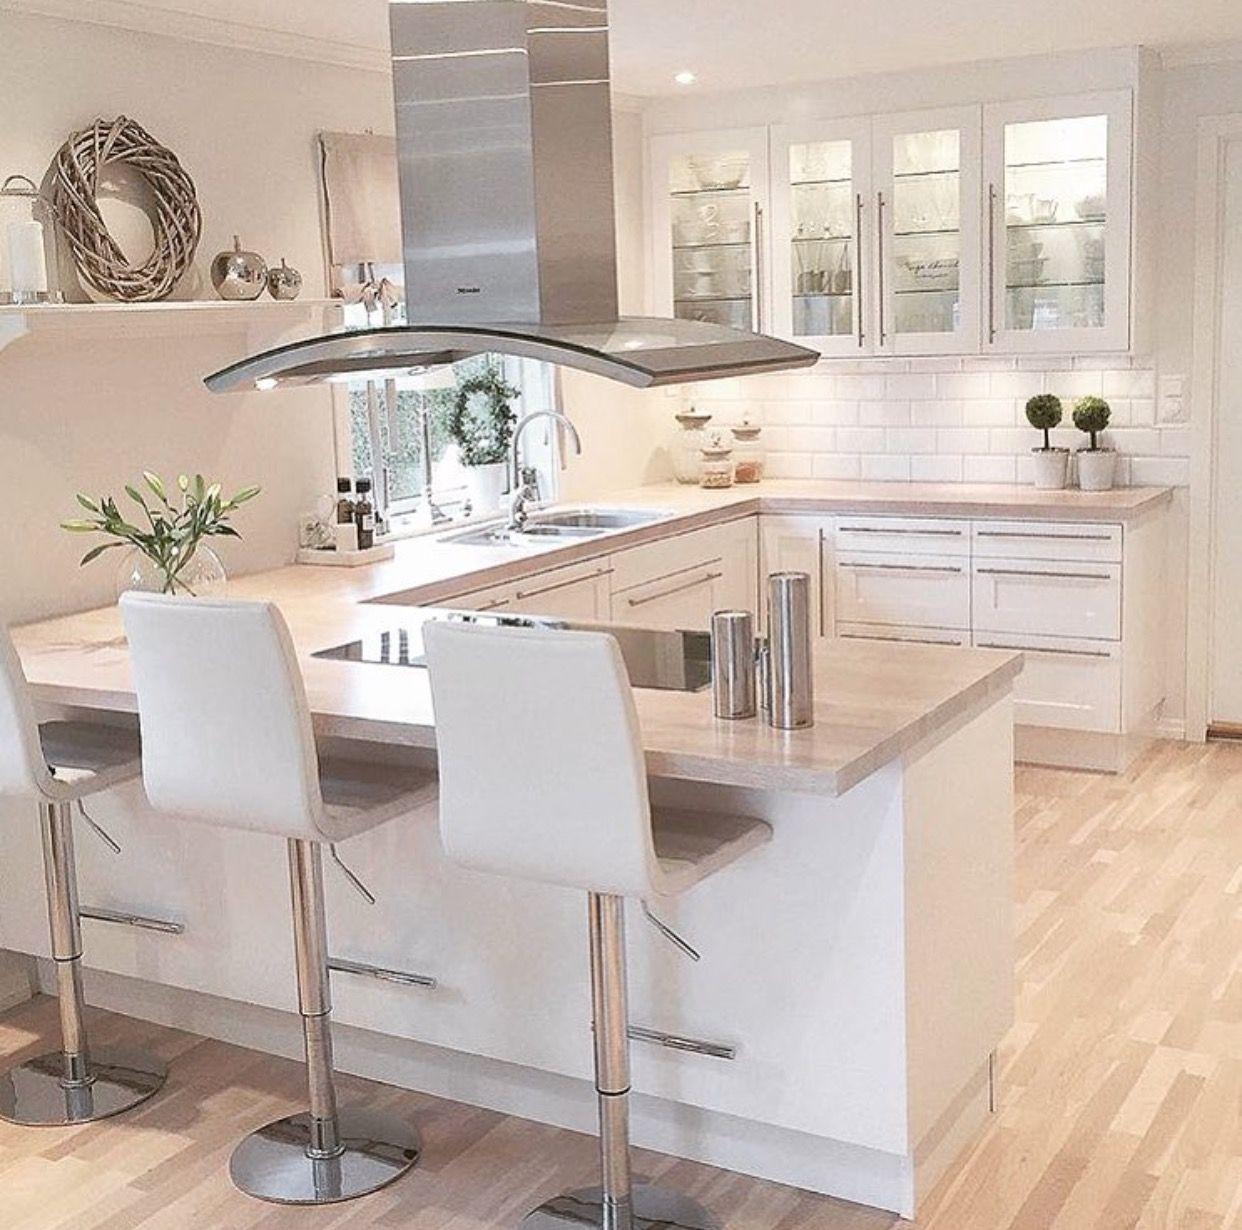 Küchenschränke in der garage pin von carmen faulkner auf pläne fürs heim  pinterest  wohnung